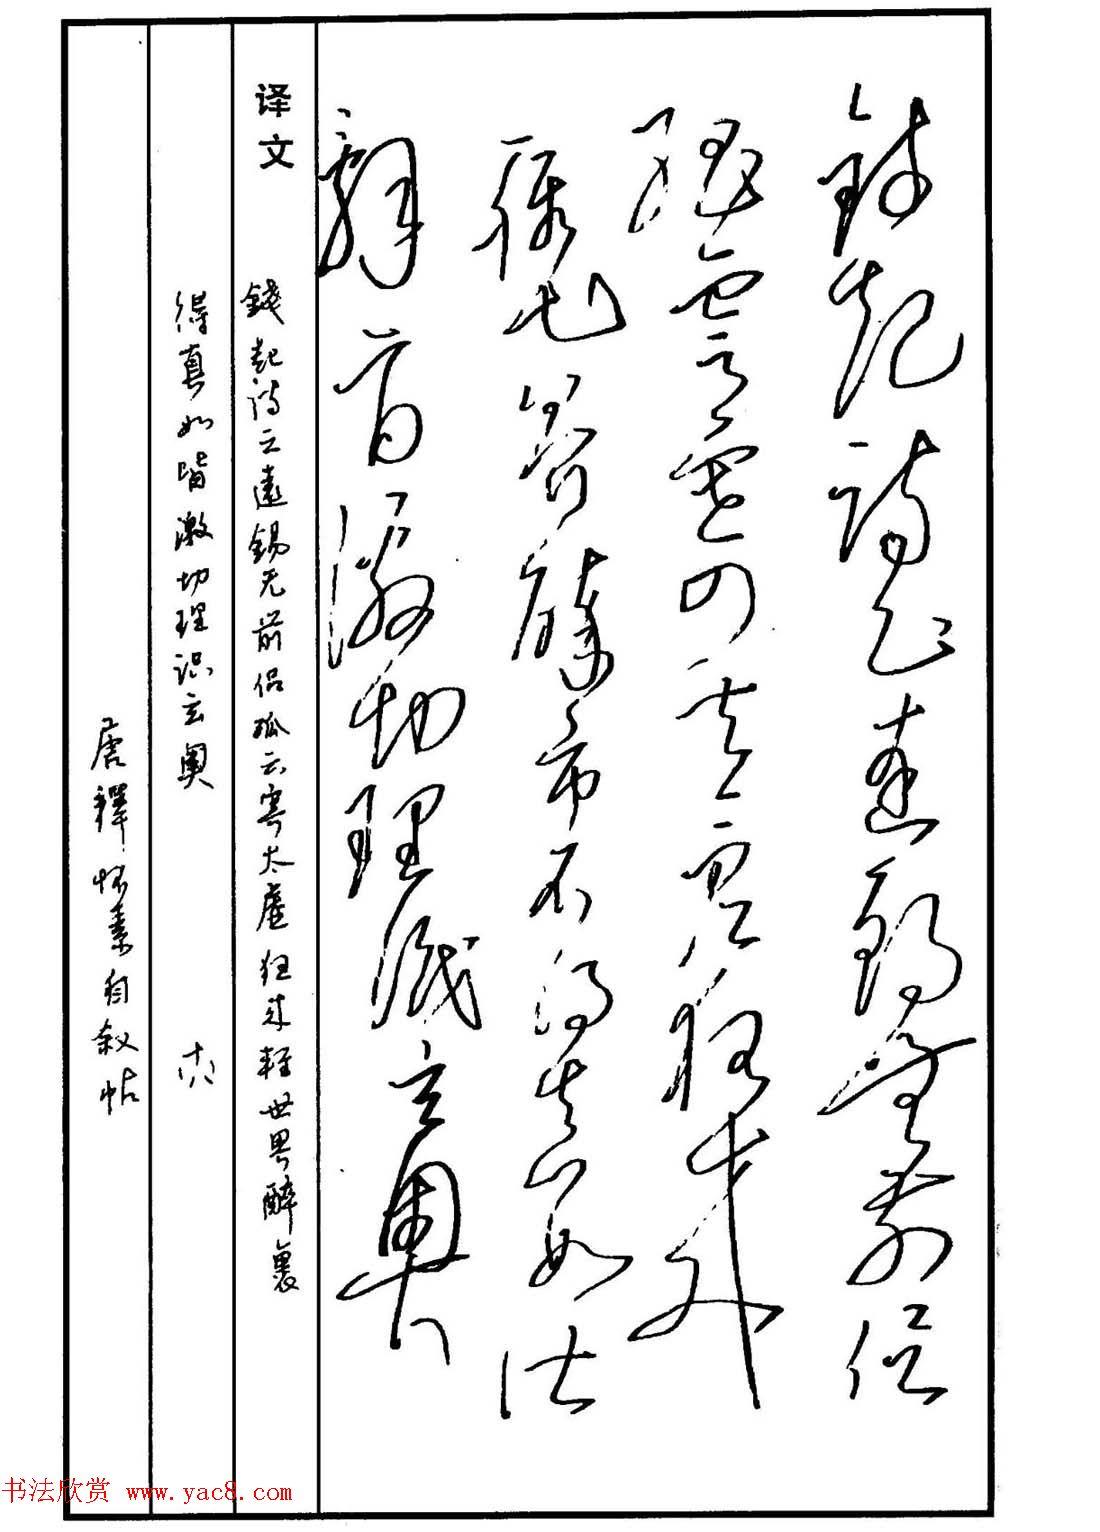 硬笔书法作品集 草书名家精品欣赏 第10页 硬笔书法 书法欣赏